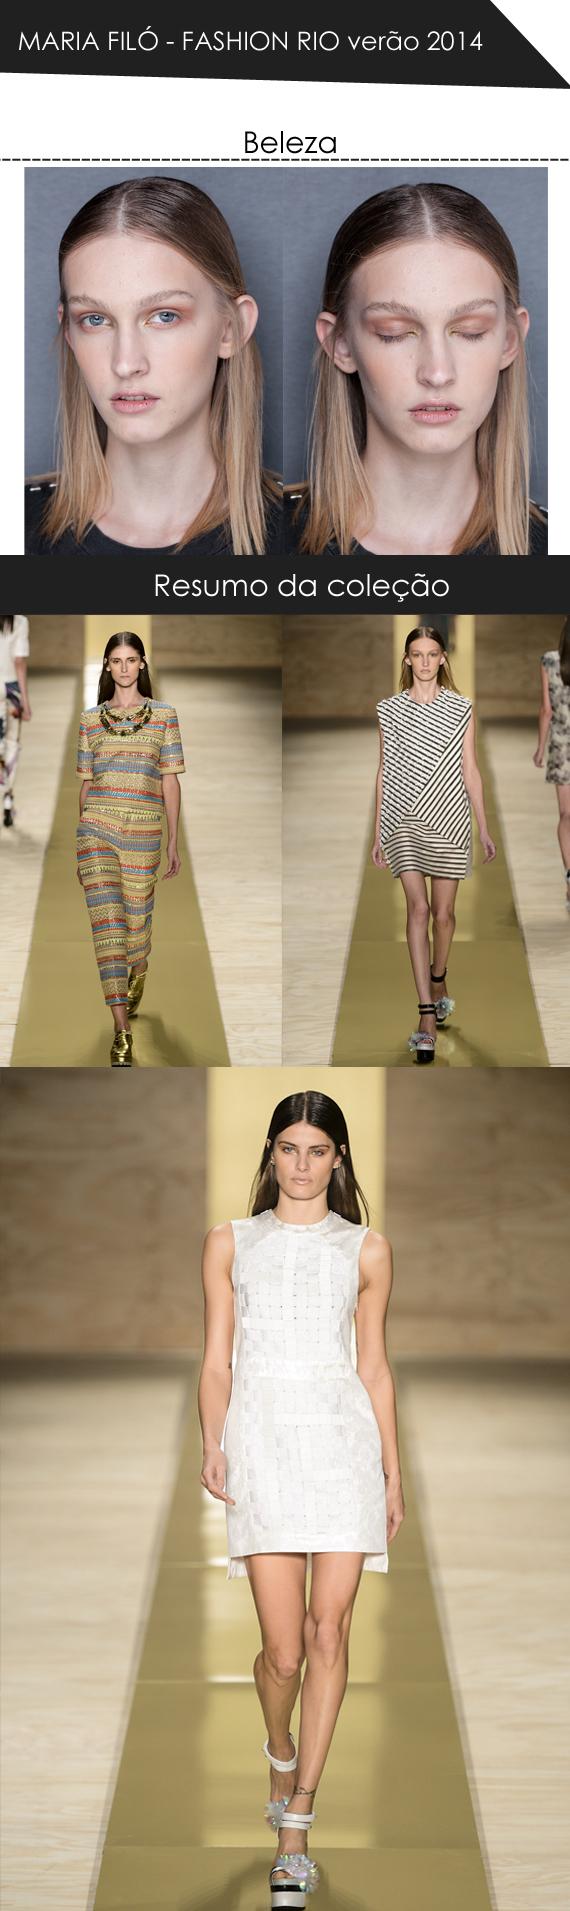 Maria Filó Fashion rio verão 2014 por Mean Fashion